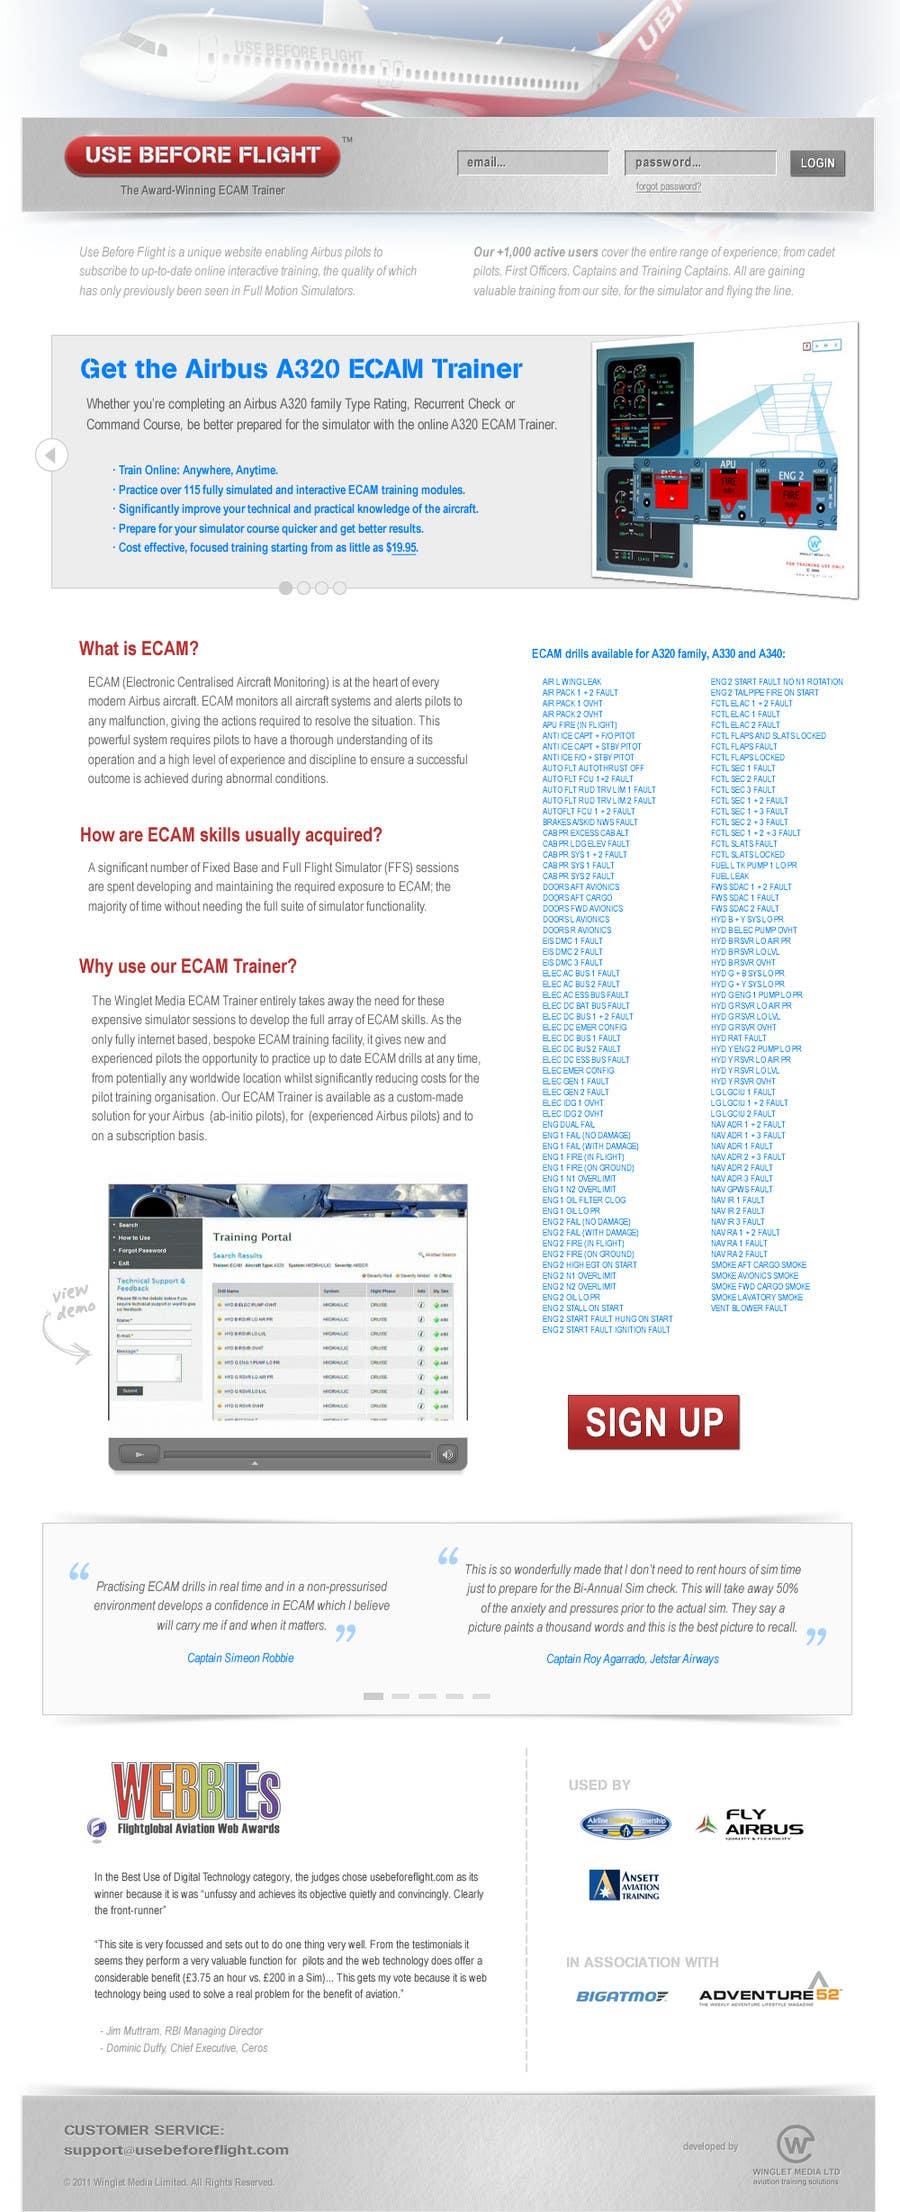 Penyertaan Peraduan #                                        43                                      untuk                                         Website Design for Use Before Flight